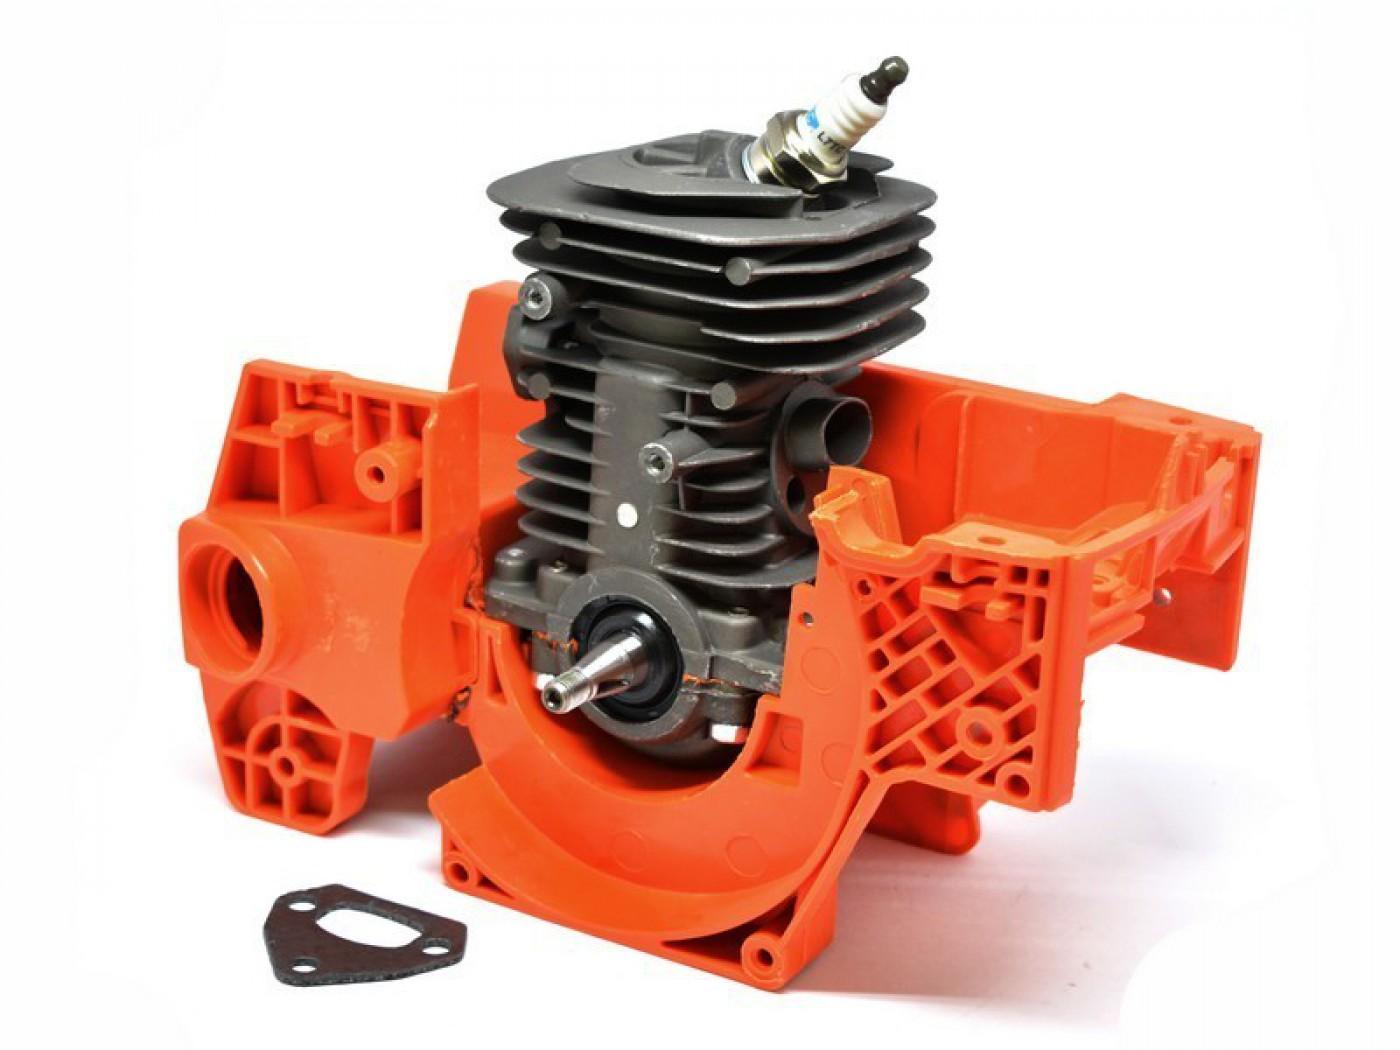 Motor Jonsered 2036 2040 - UŠETŘÍTE 655 Kč + kliková skříň